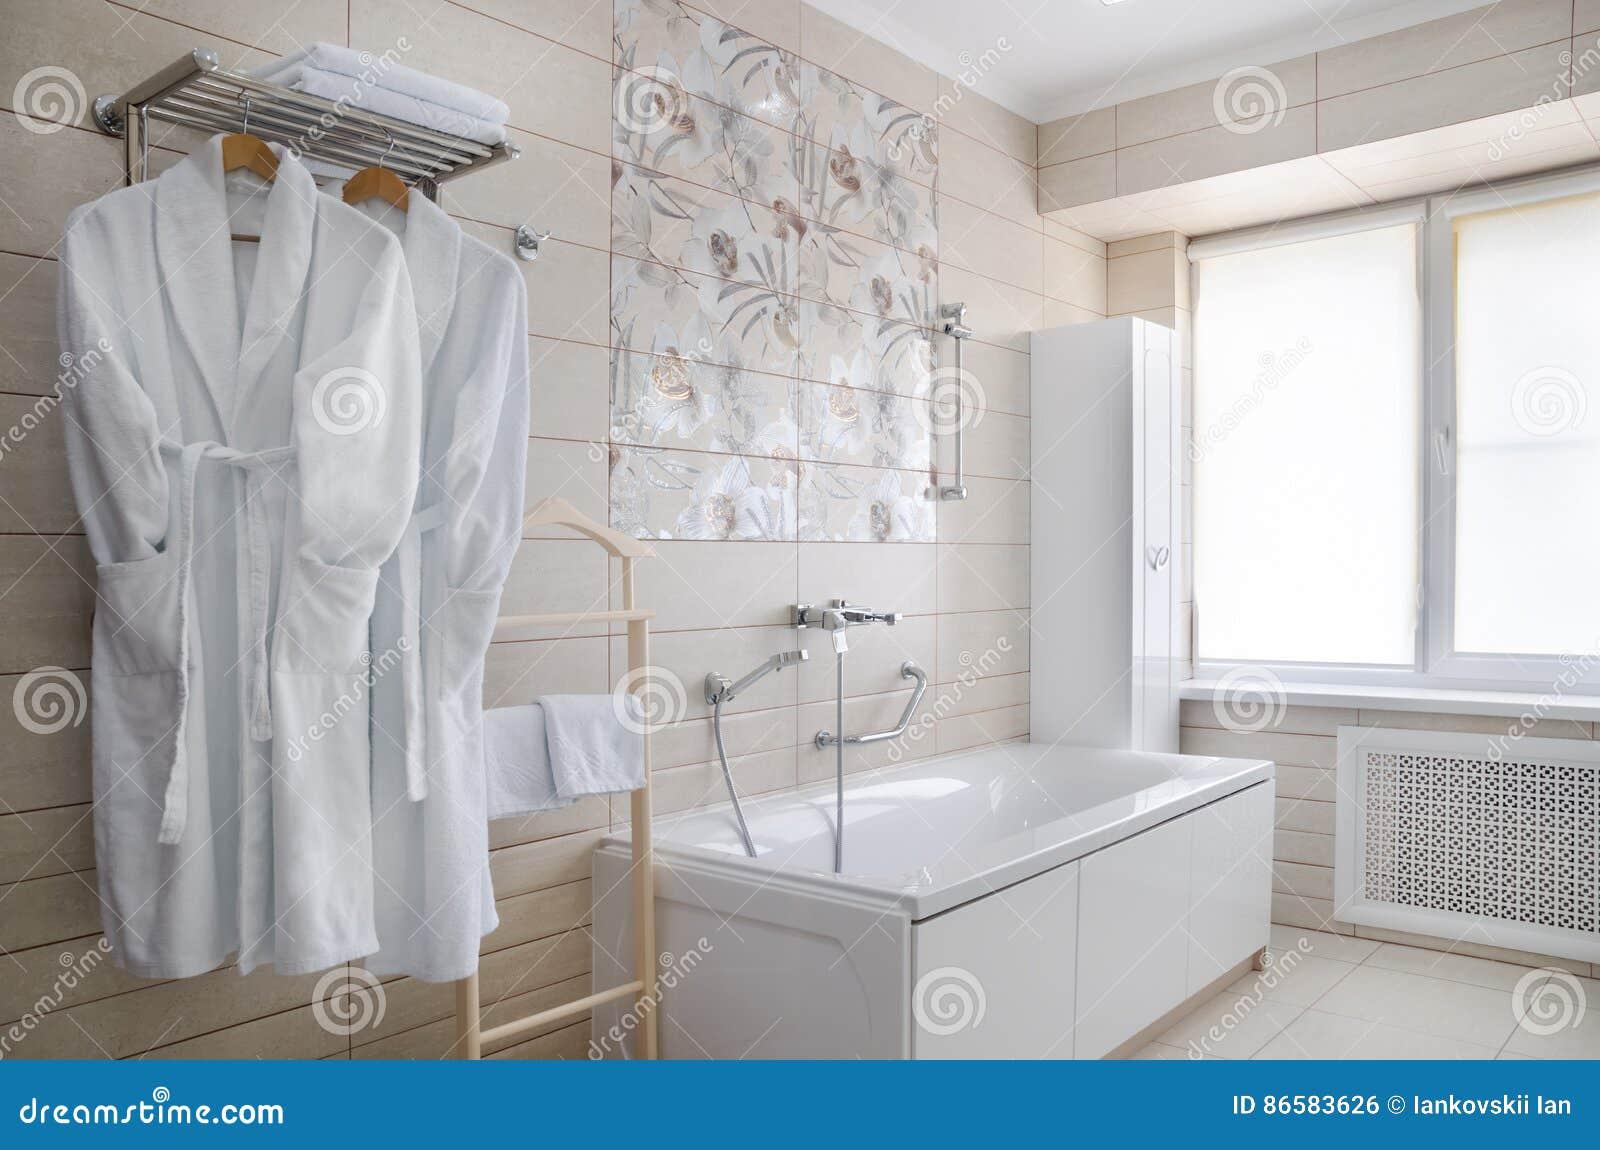 Badezimmer In Warmem Färbt, Mit Einer Toilette, Eine ...